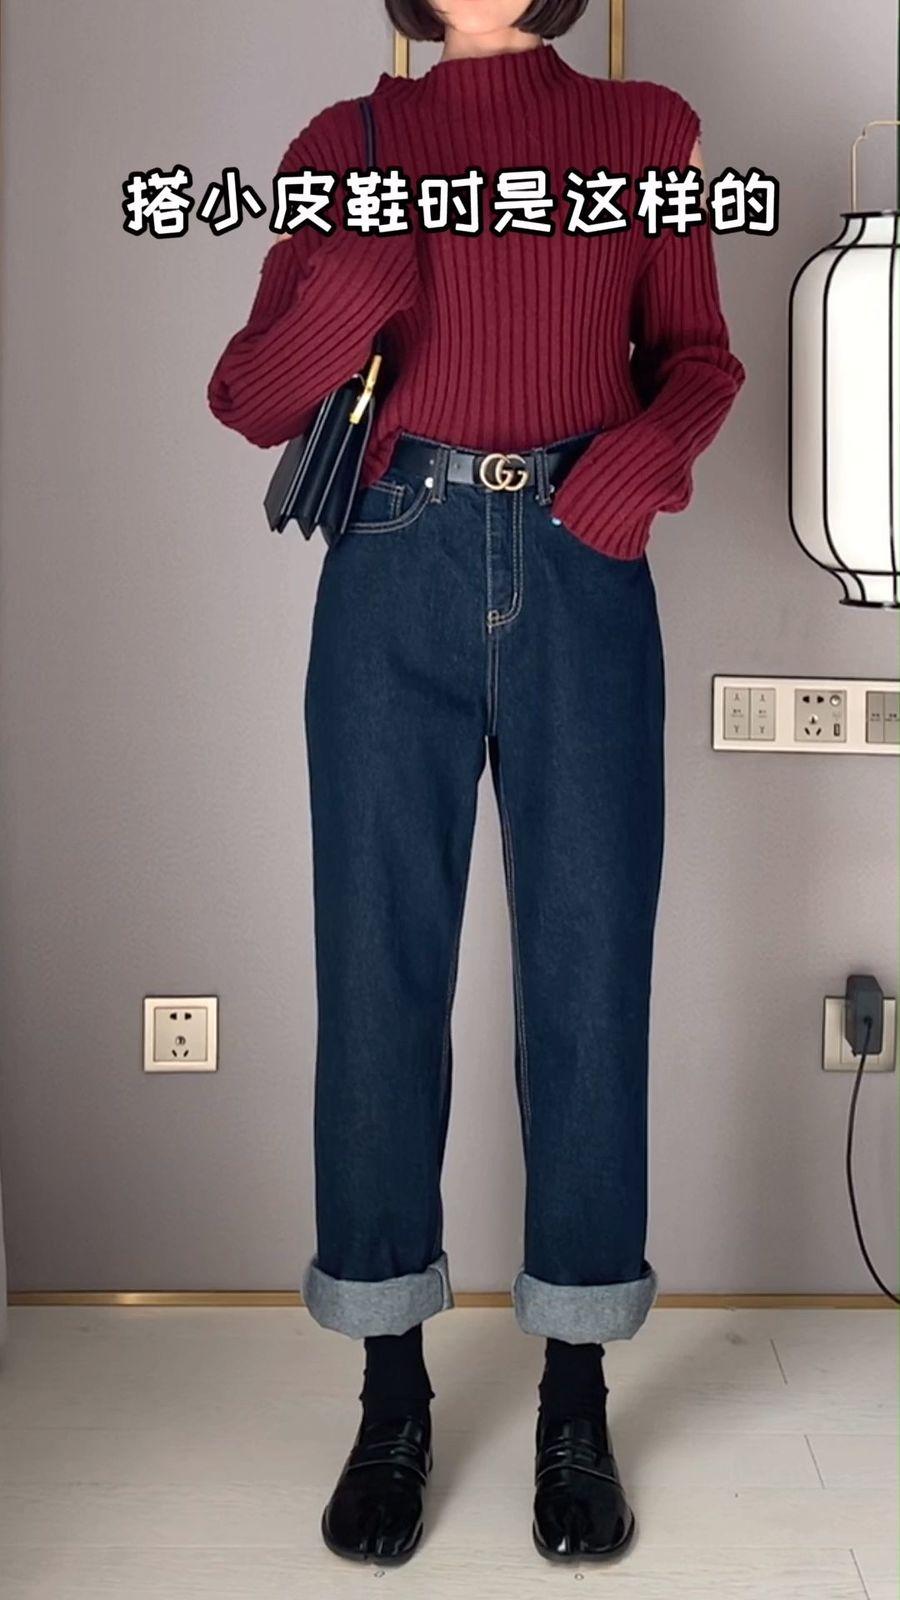 今天教大家怎么卷裤脚#12月第一件外套买这件!#